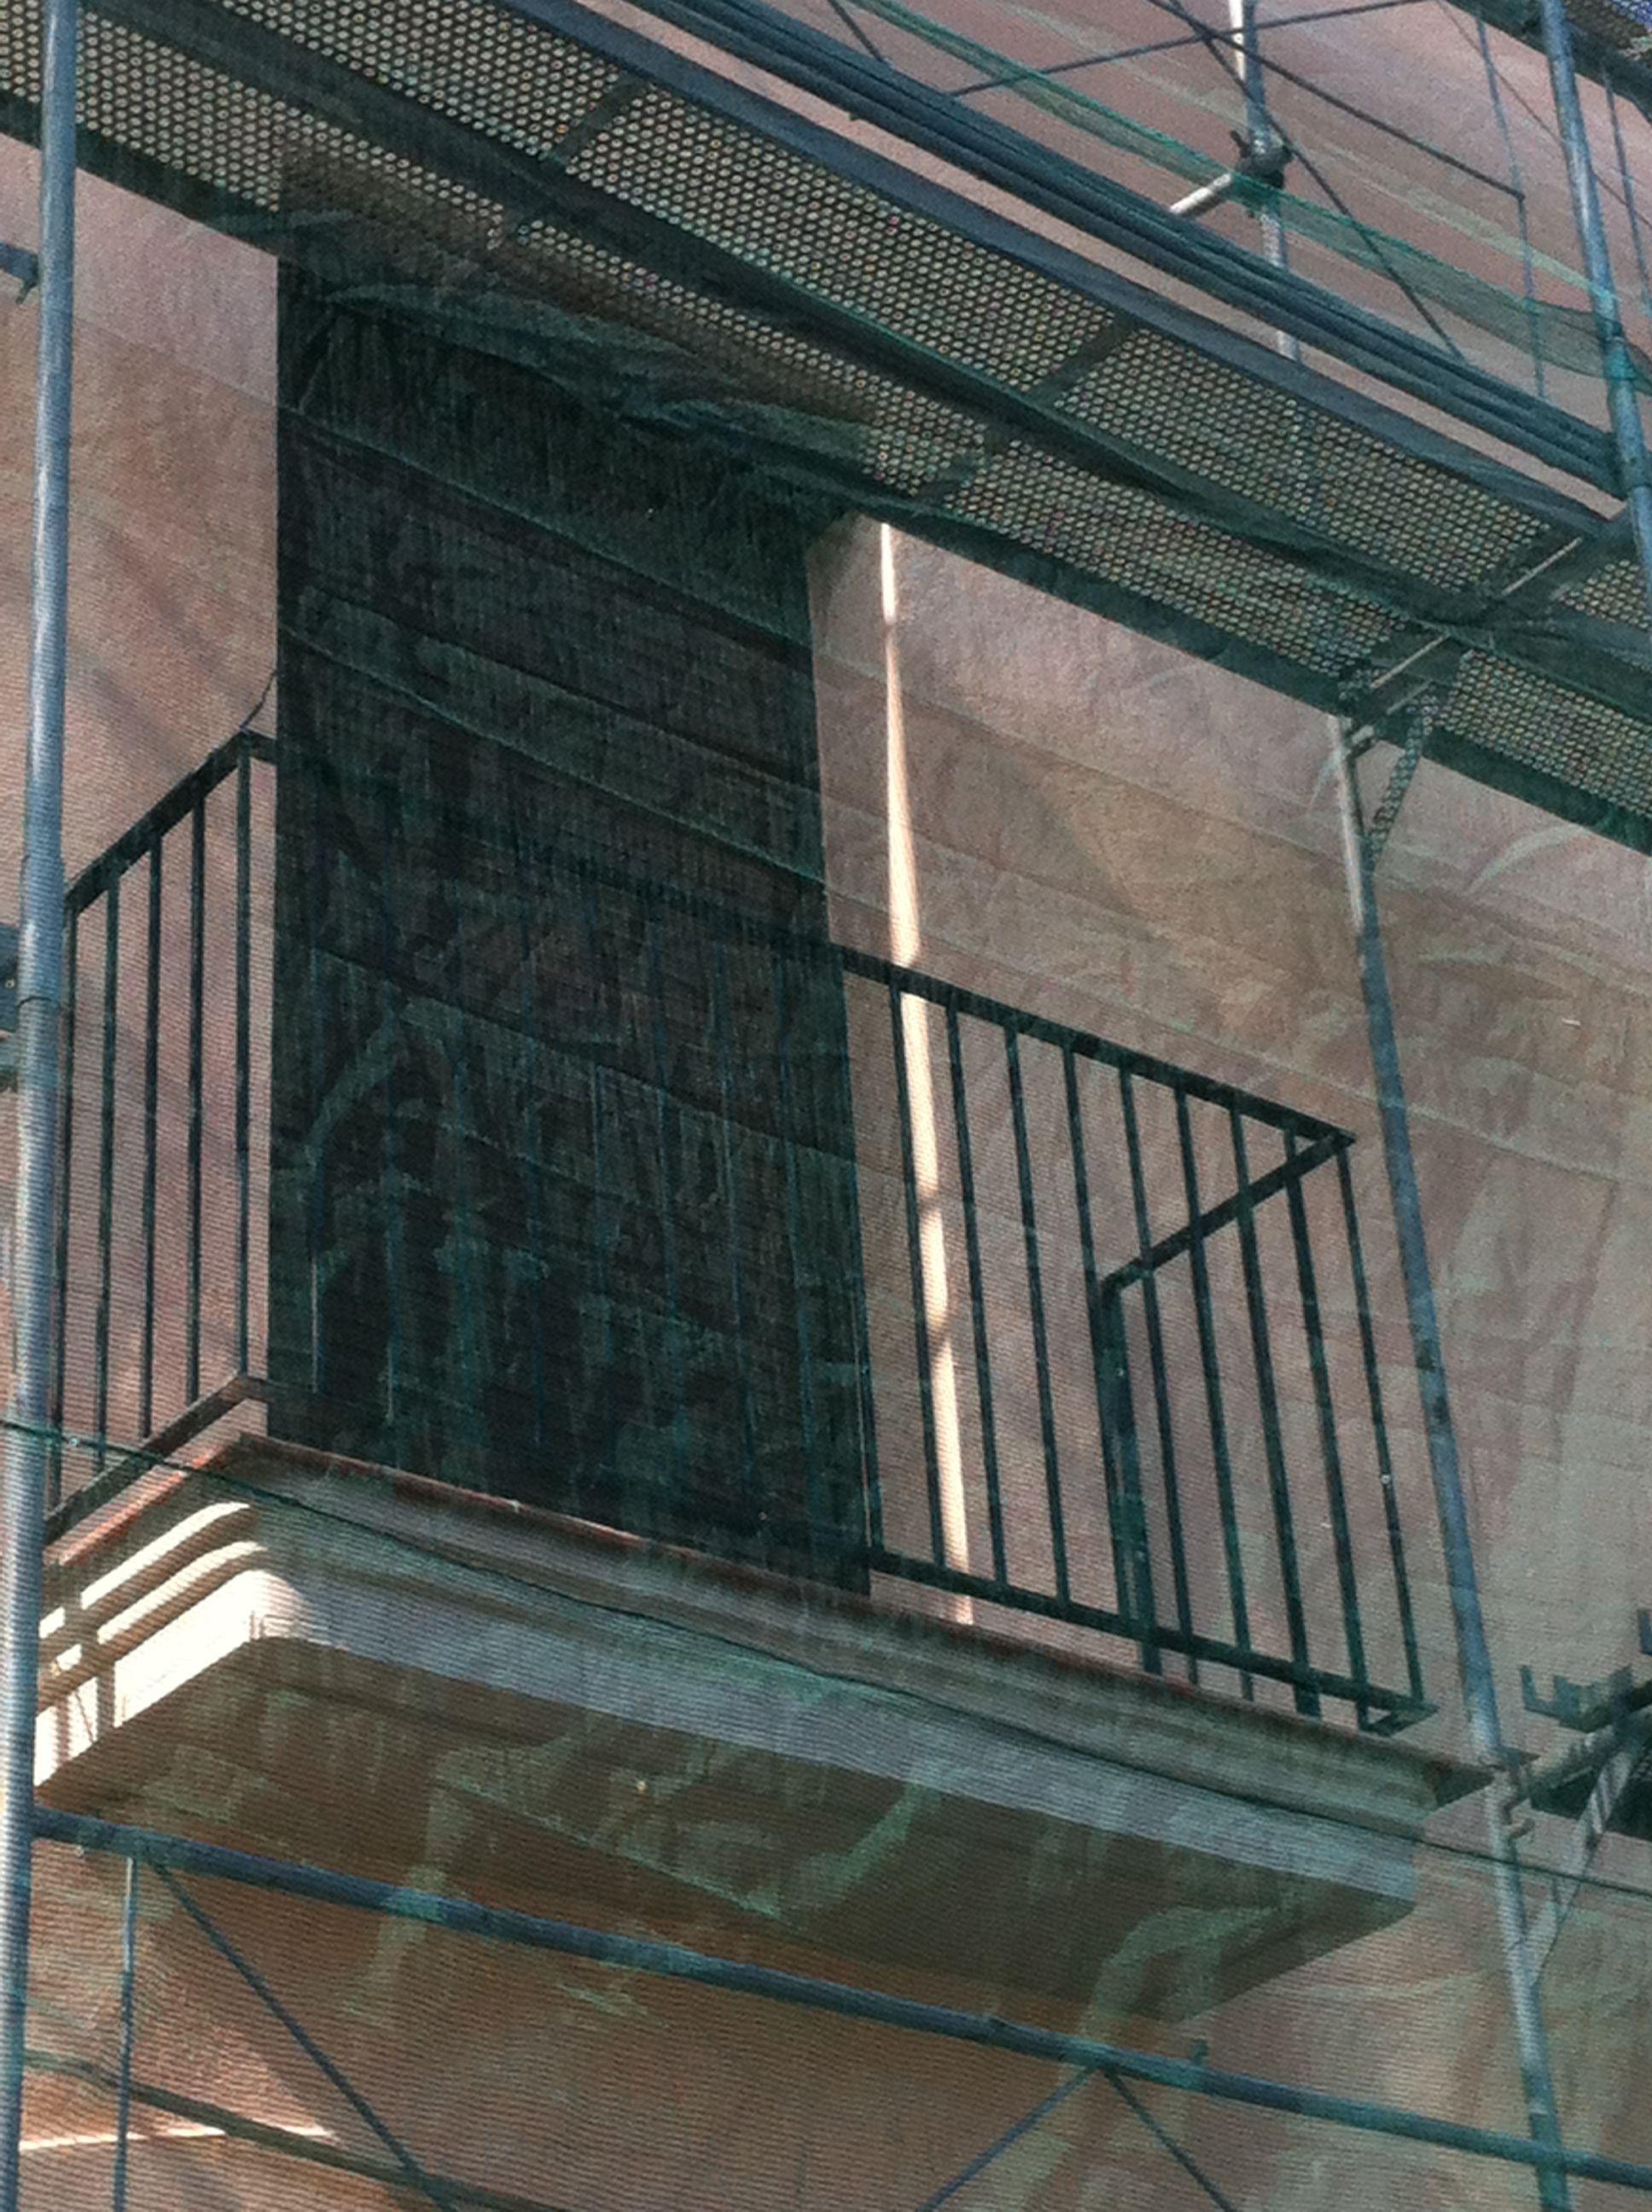 Baranda para balcón en tubo de hierro para pintar | Barandas y ...